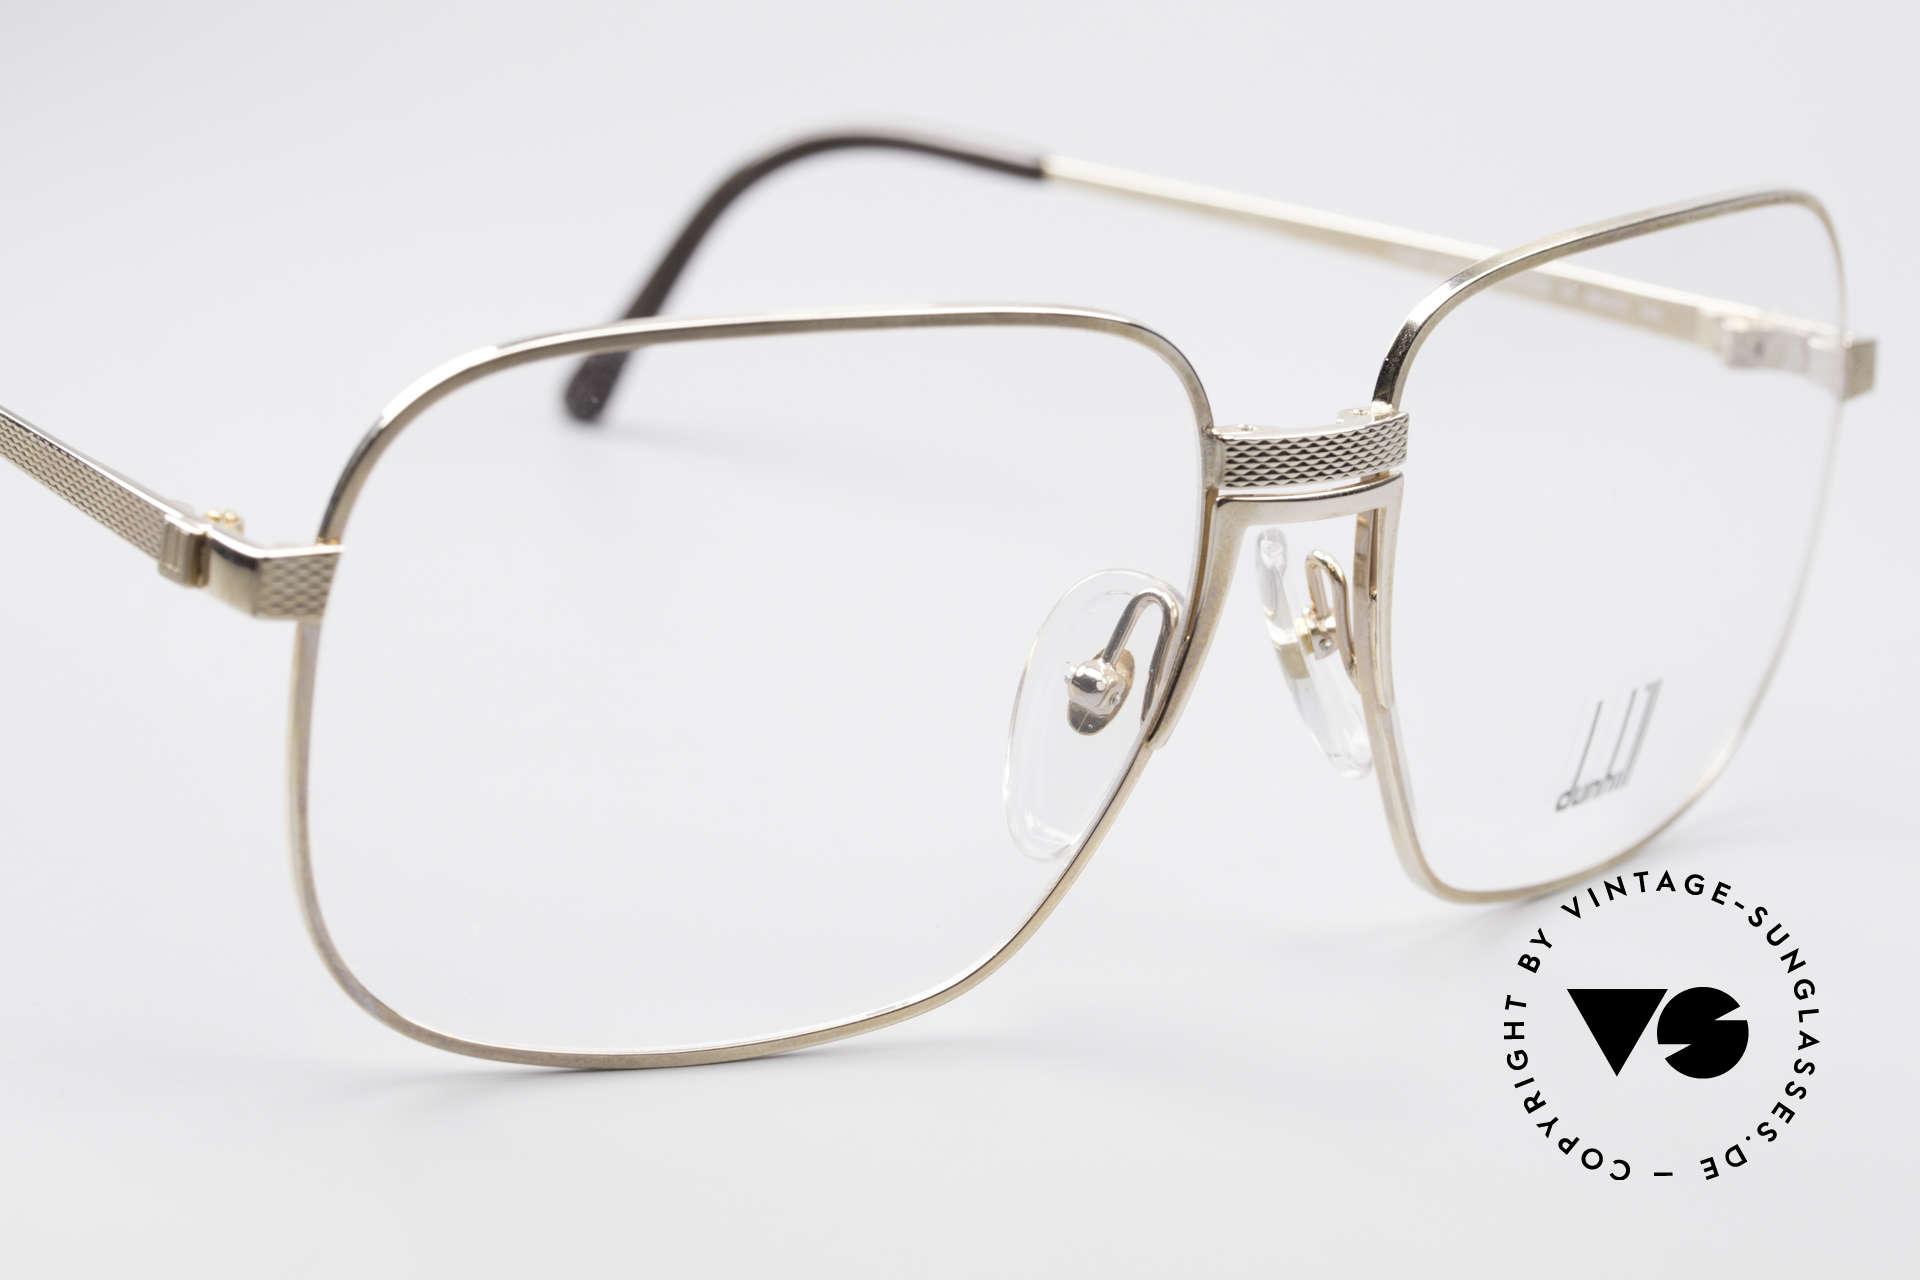 Dunhill 6090 Vergoldete 90er Herrenbrille, ungetragen mit original Etui (wahres Sammlerstück), Passend für Herren